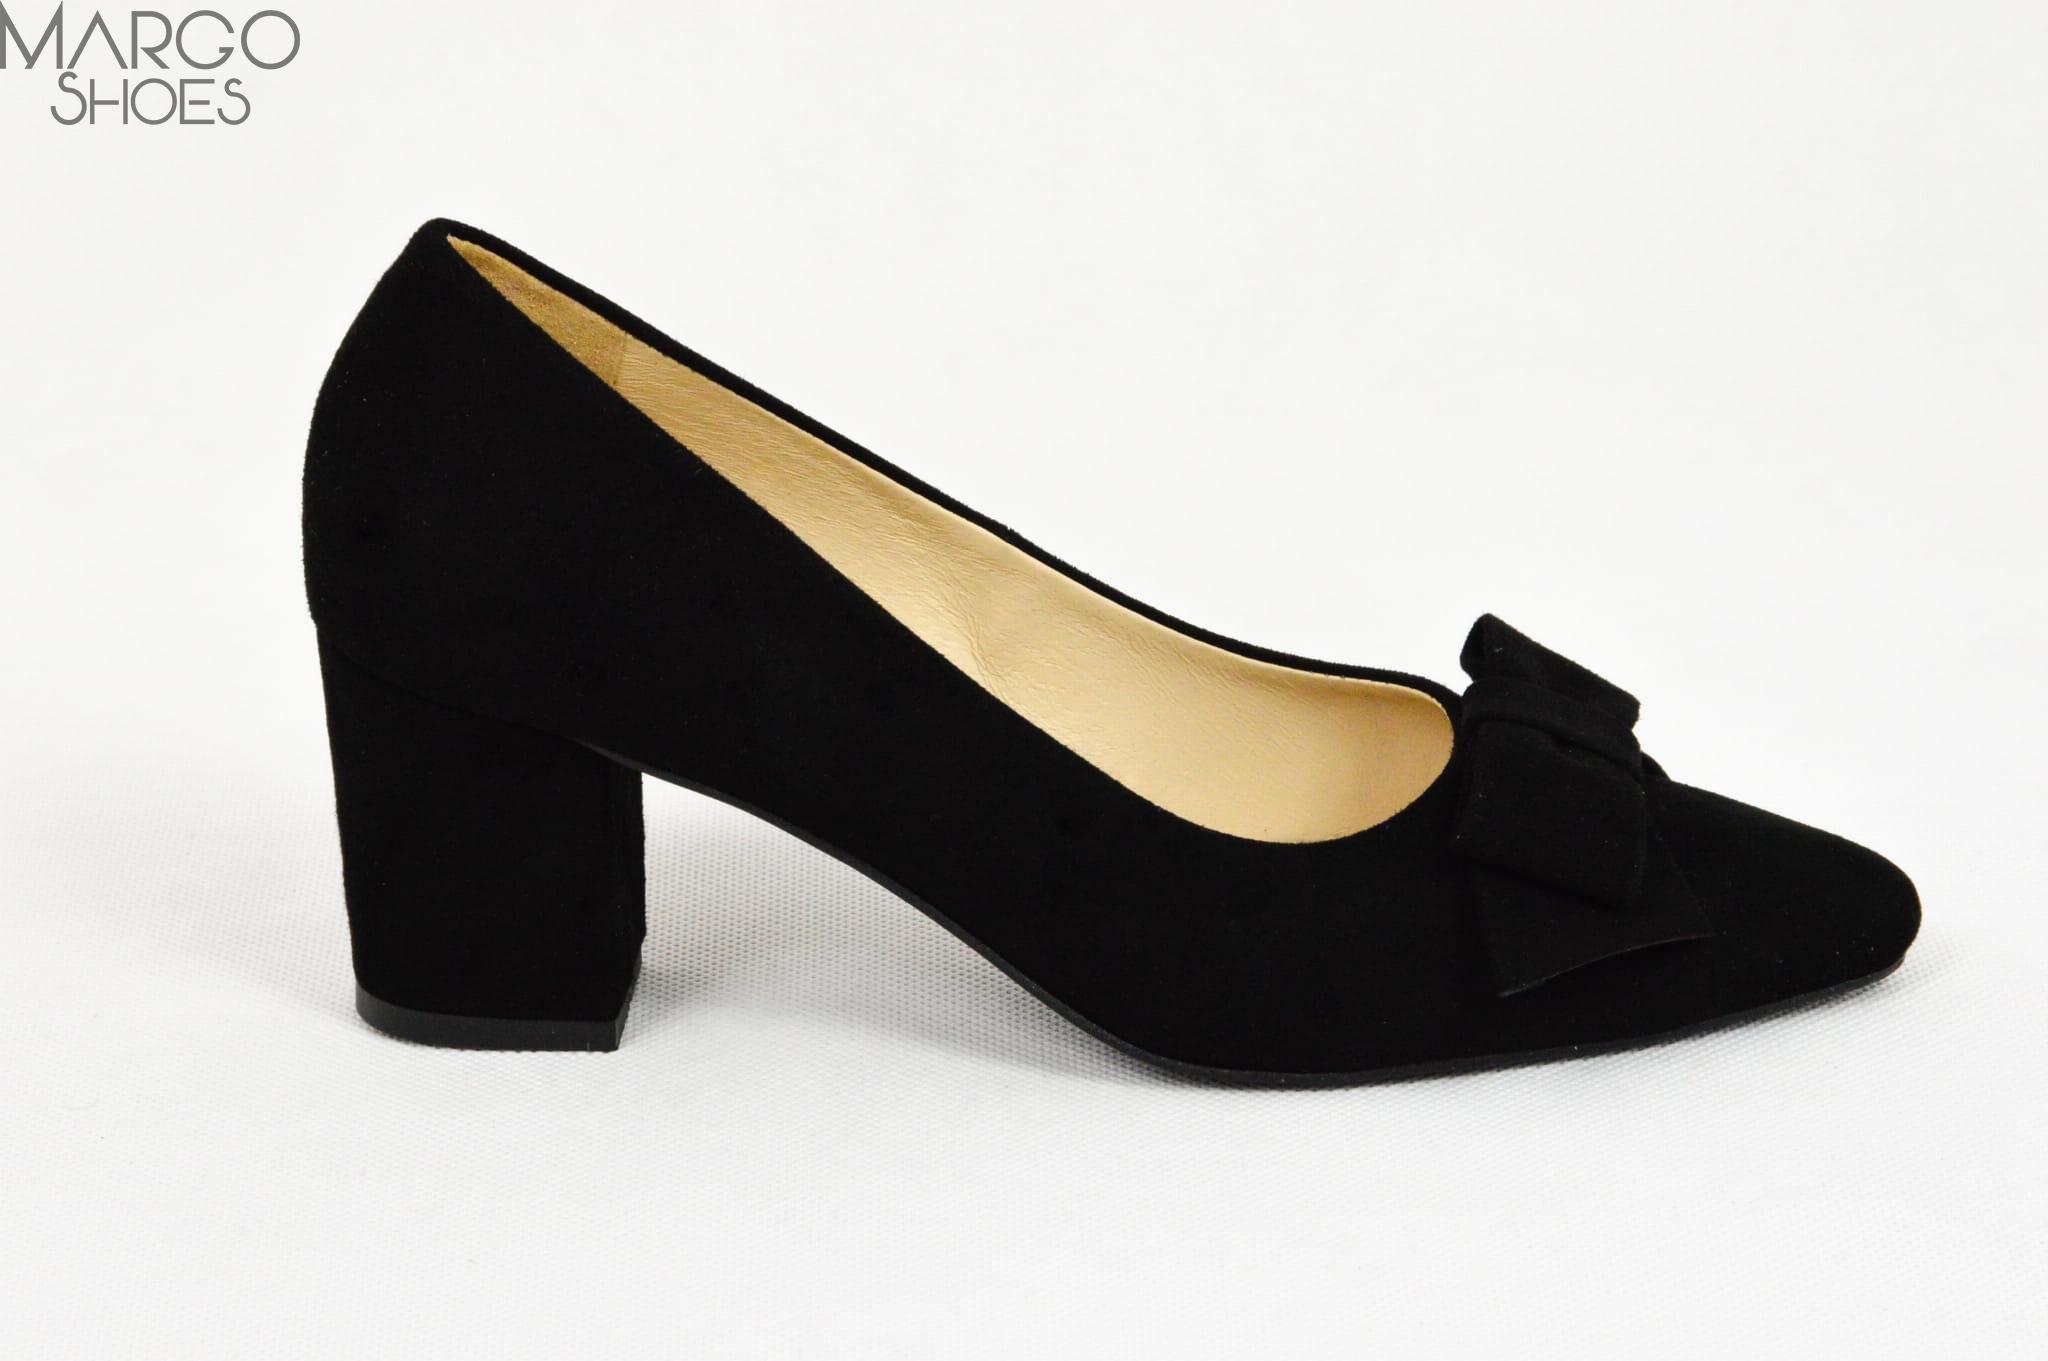 eb90fc9b MargoShoes czarne zamszowe czółenka z ozdobną kokardką na niskim ...